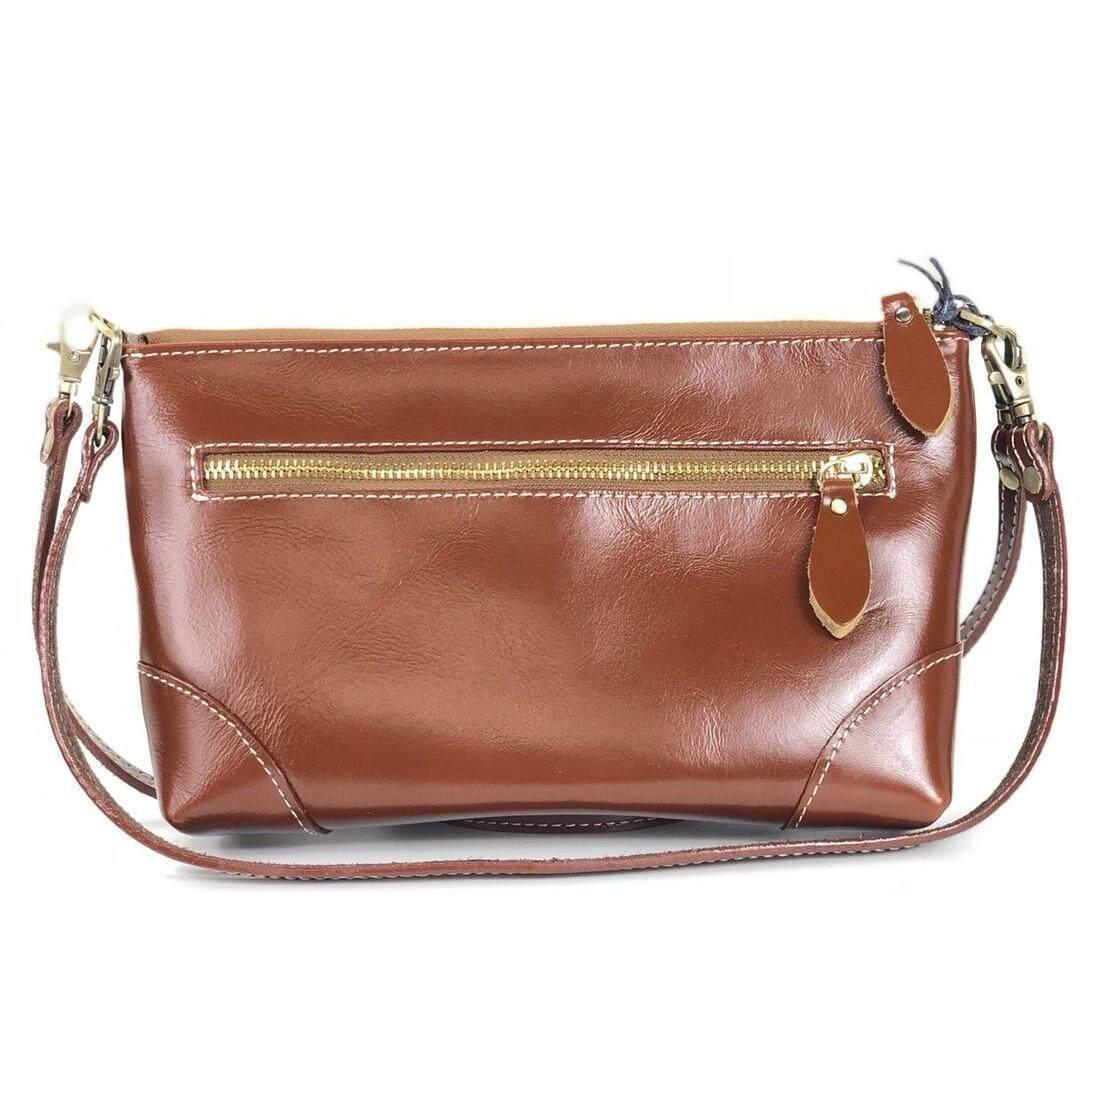 ซื้อ Chinatown Leather กระเป๋าสะพายหนังวัวแท้ซิปยาวสีน้ำตาลแทนขนาด Ipadmini ใน กรุงเทพมหานคร